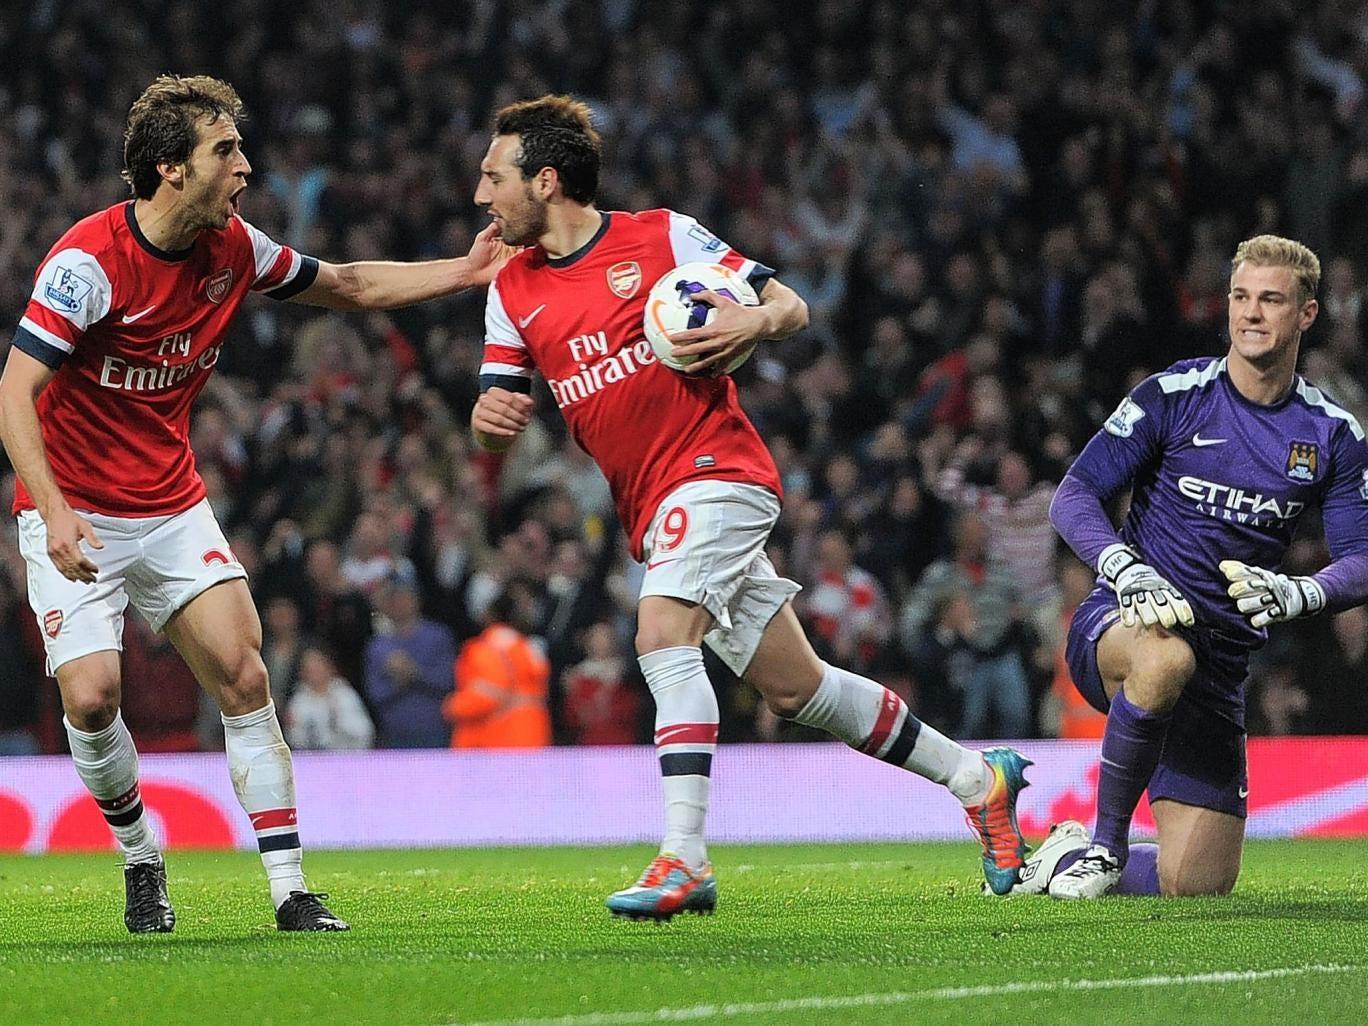 Mathieu Flamini and Santi Cazorla celebrate the former's goal for Arsenal